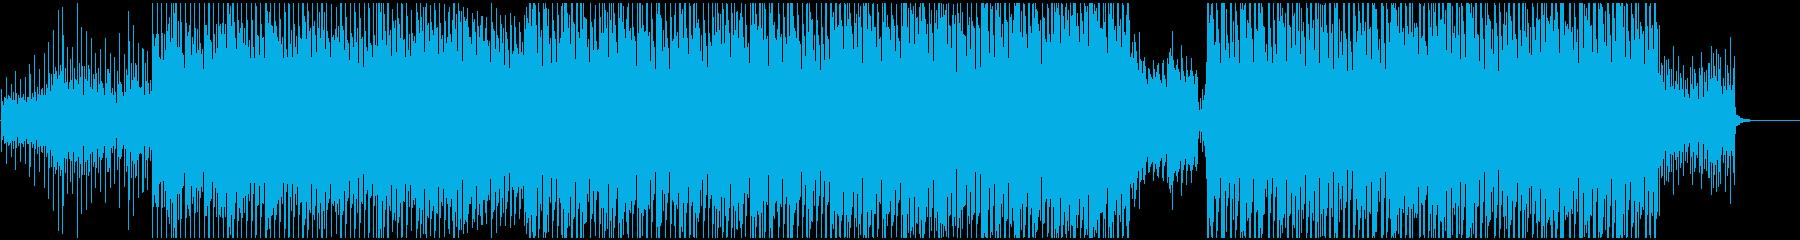 ポップ感動壮大 ピアノオーケストラの再生済みの波形